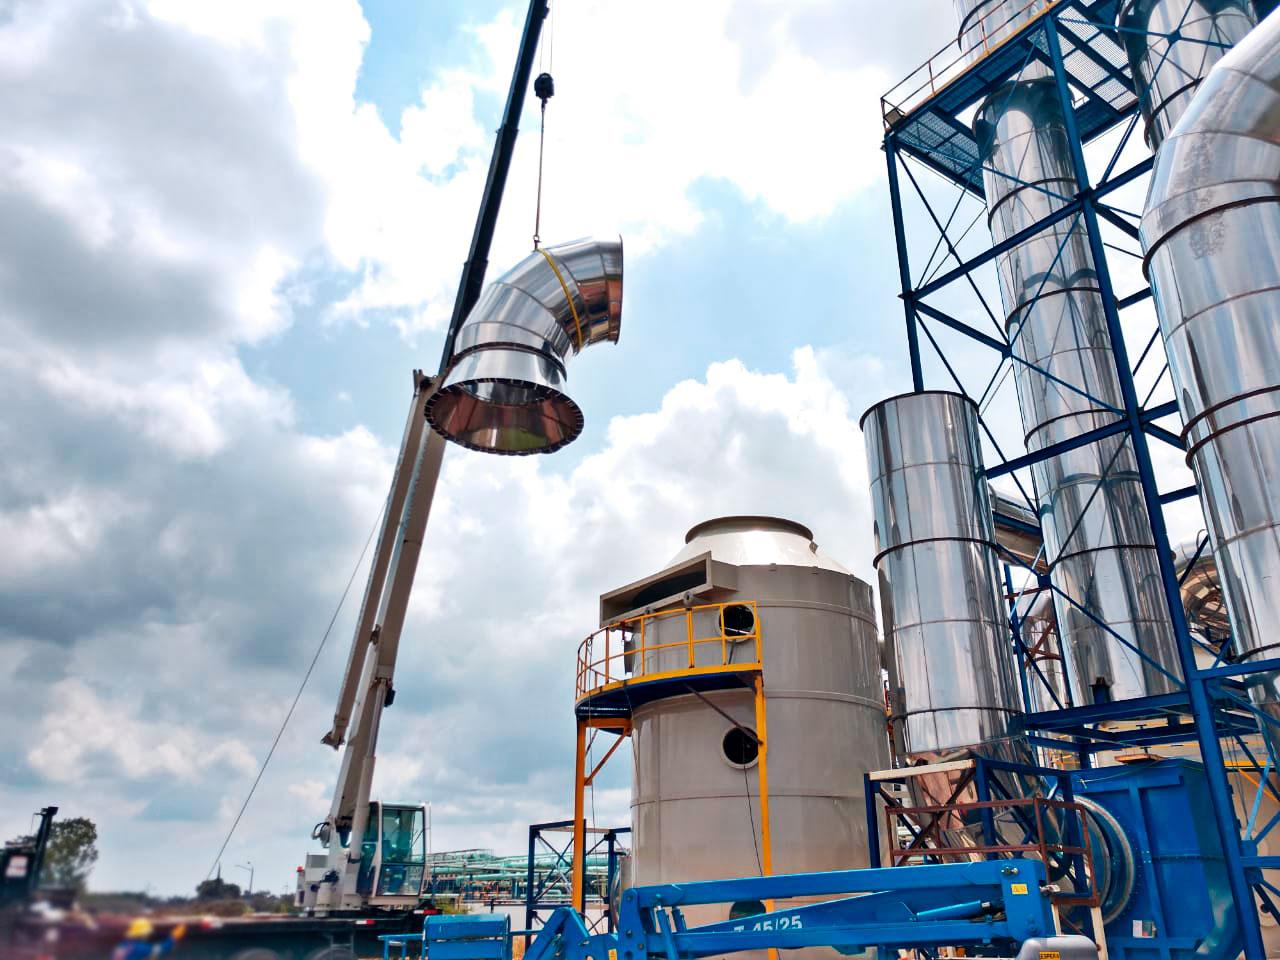 La calidad del montaje de los sistemas de extracción industrial de MCAT es insuperable